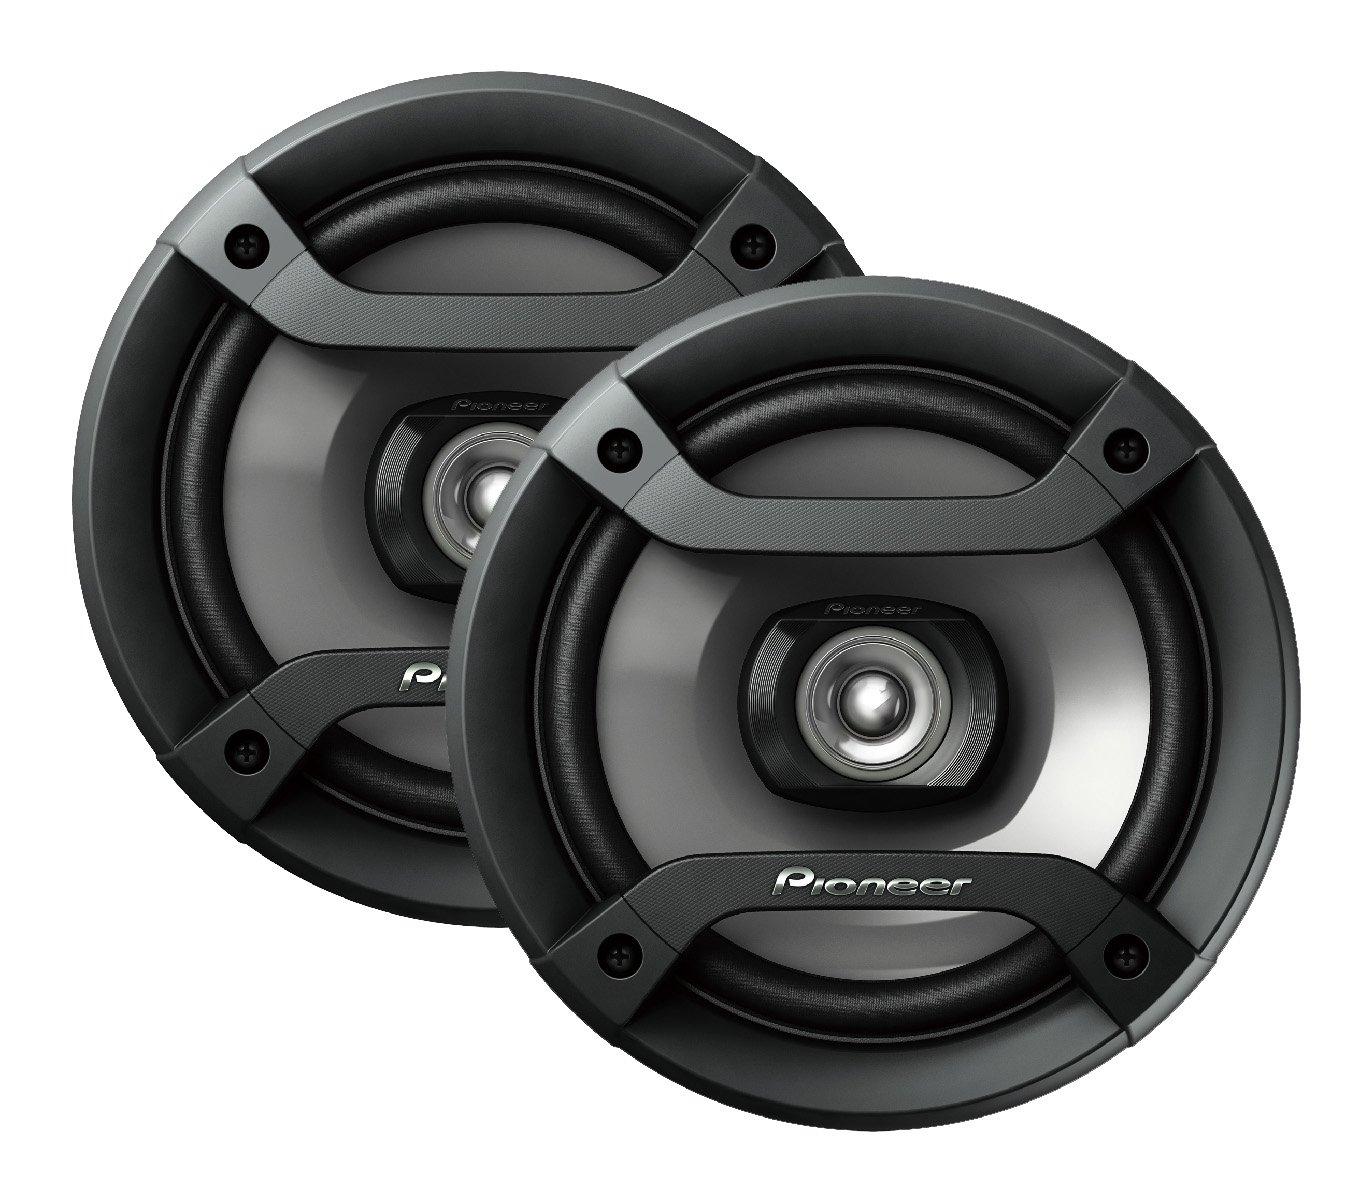 Pioneer TS-F1634R 6.5'' 200W 2-Way Speakers by PIONEER